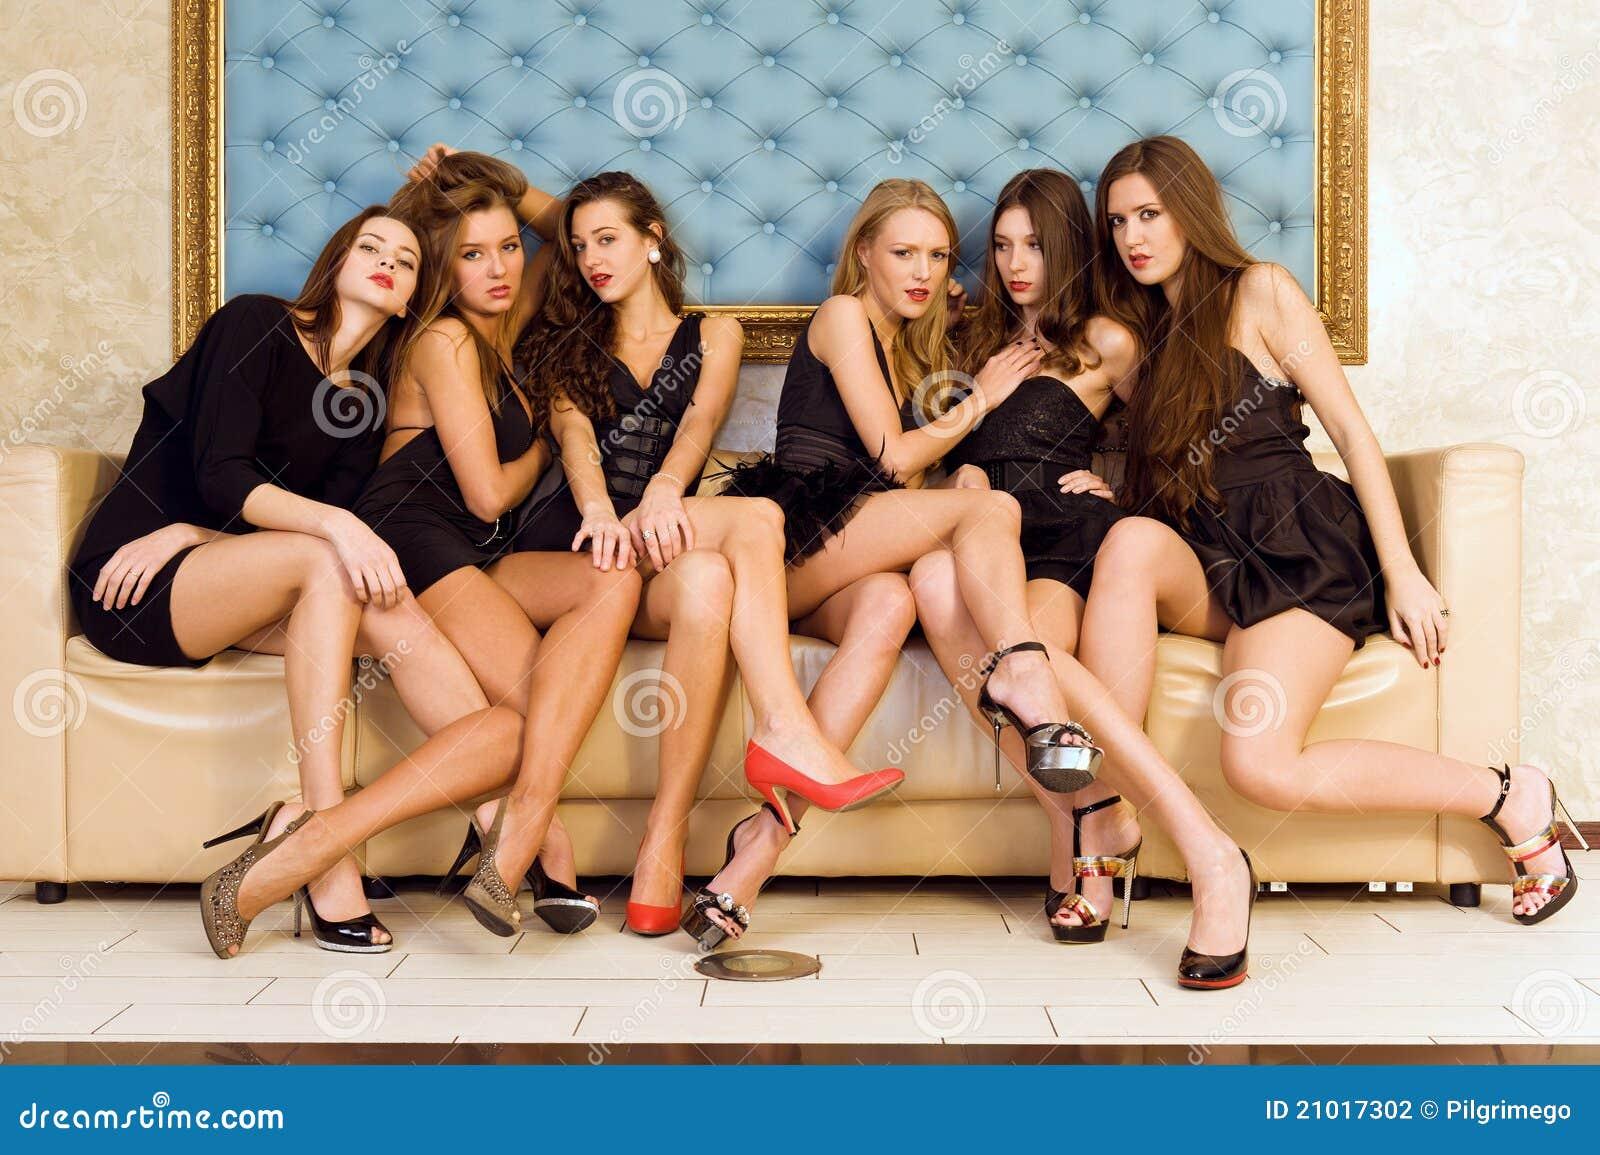 dansk pron masager piger